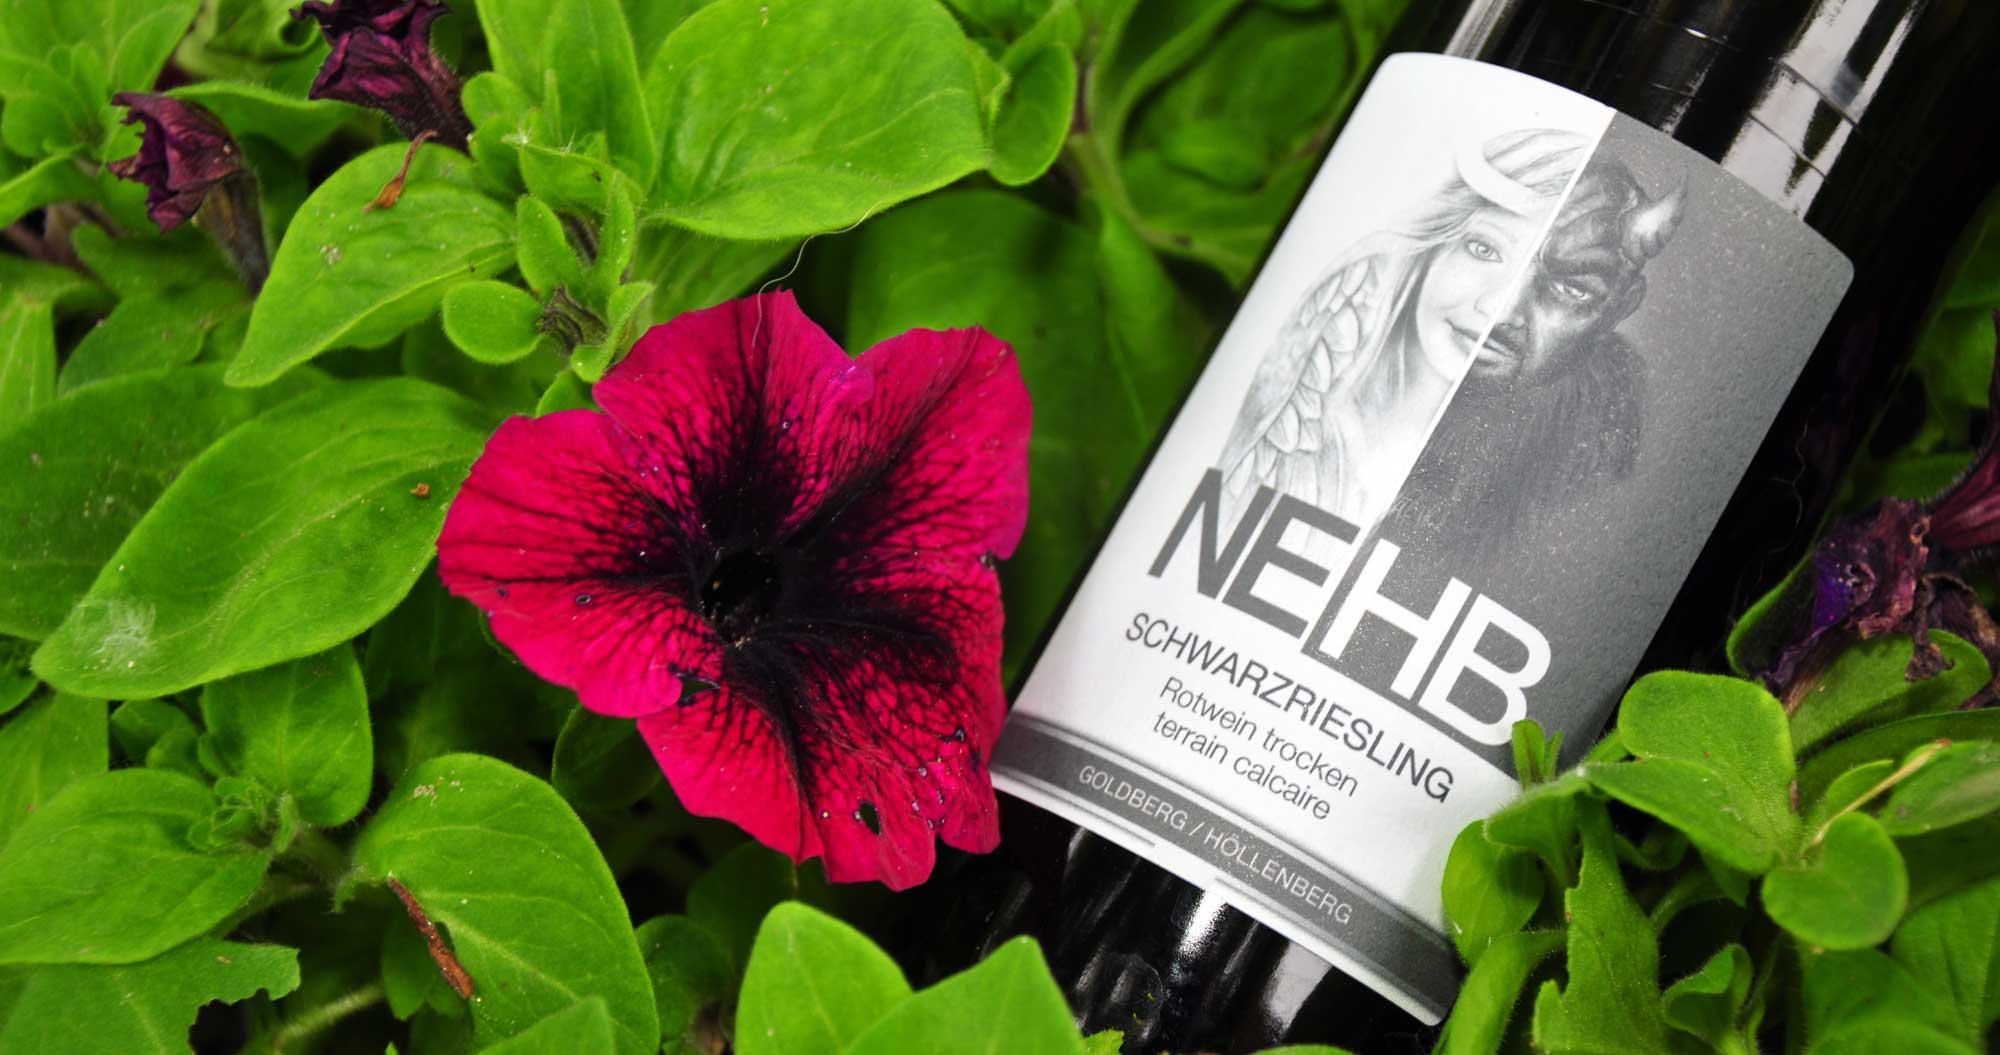 Schwarzriesling Rotwein Weingut Nehb